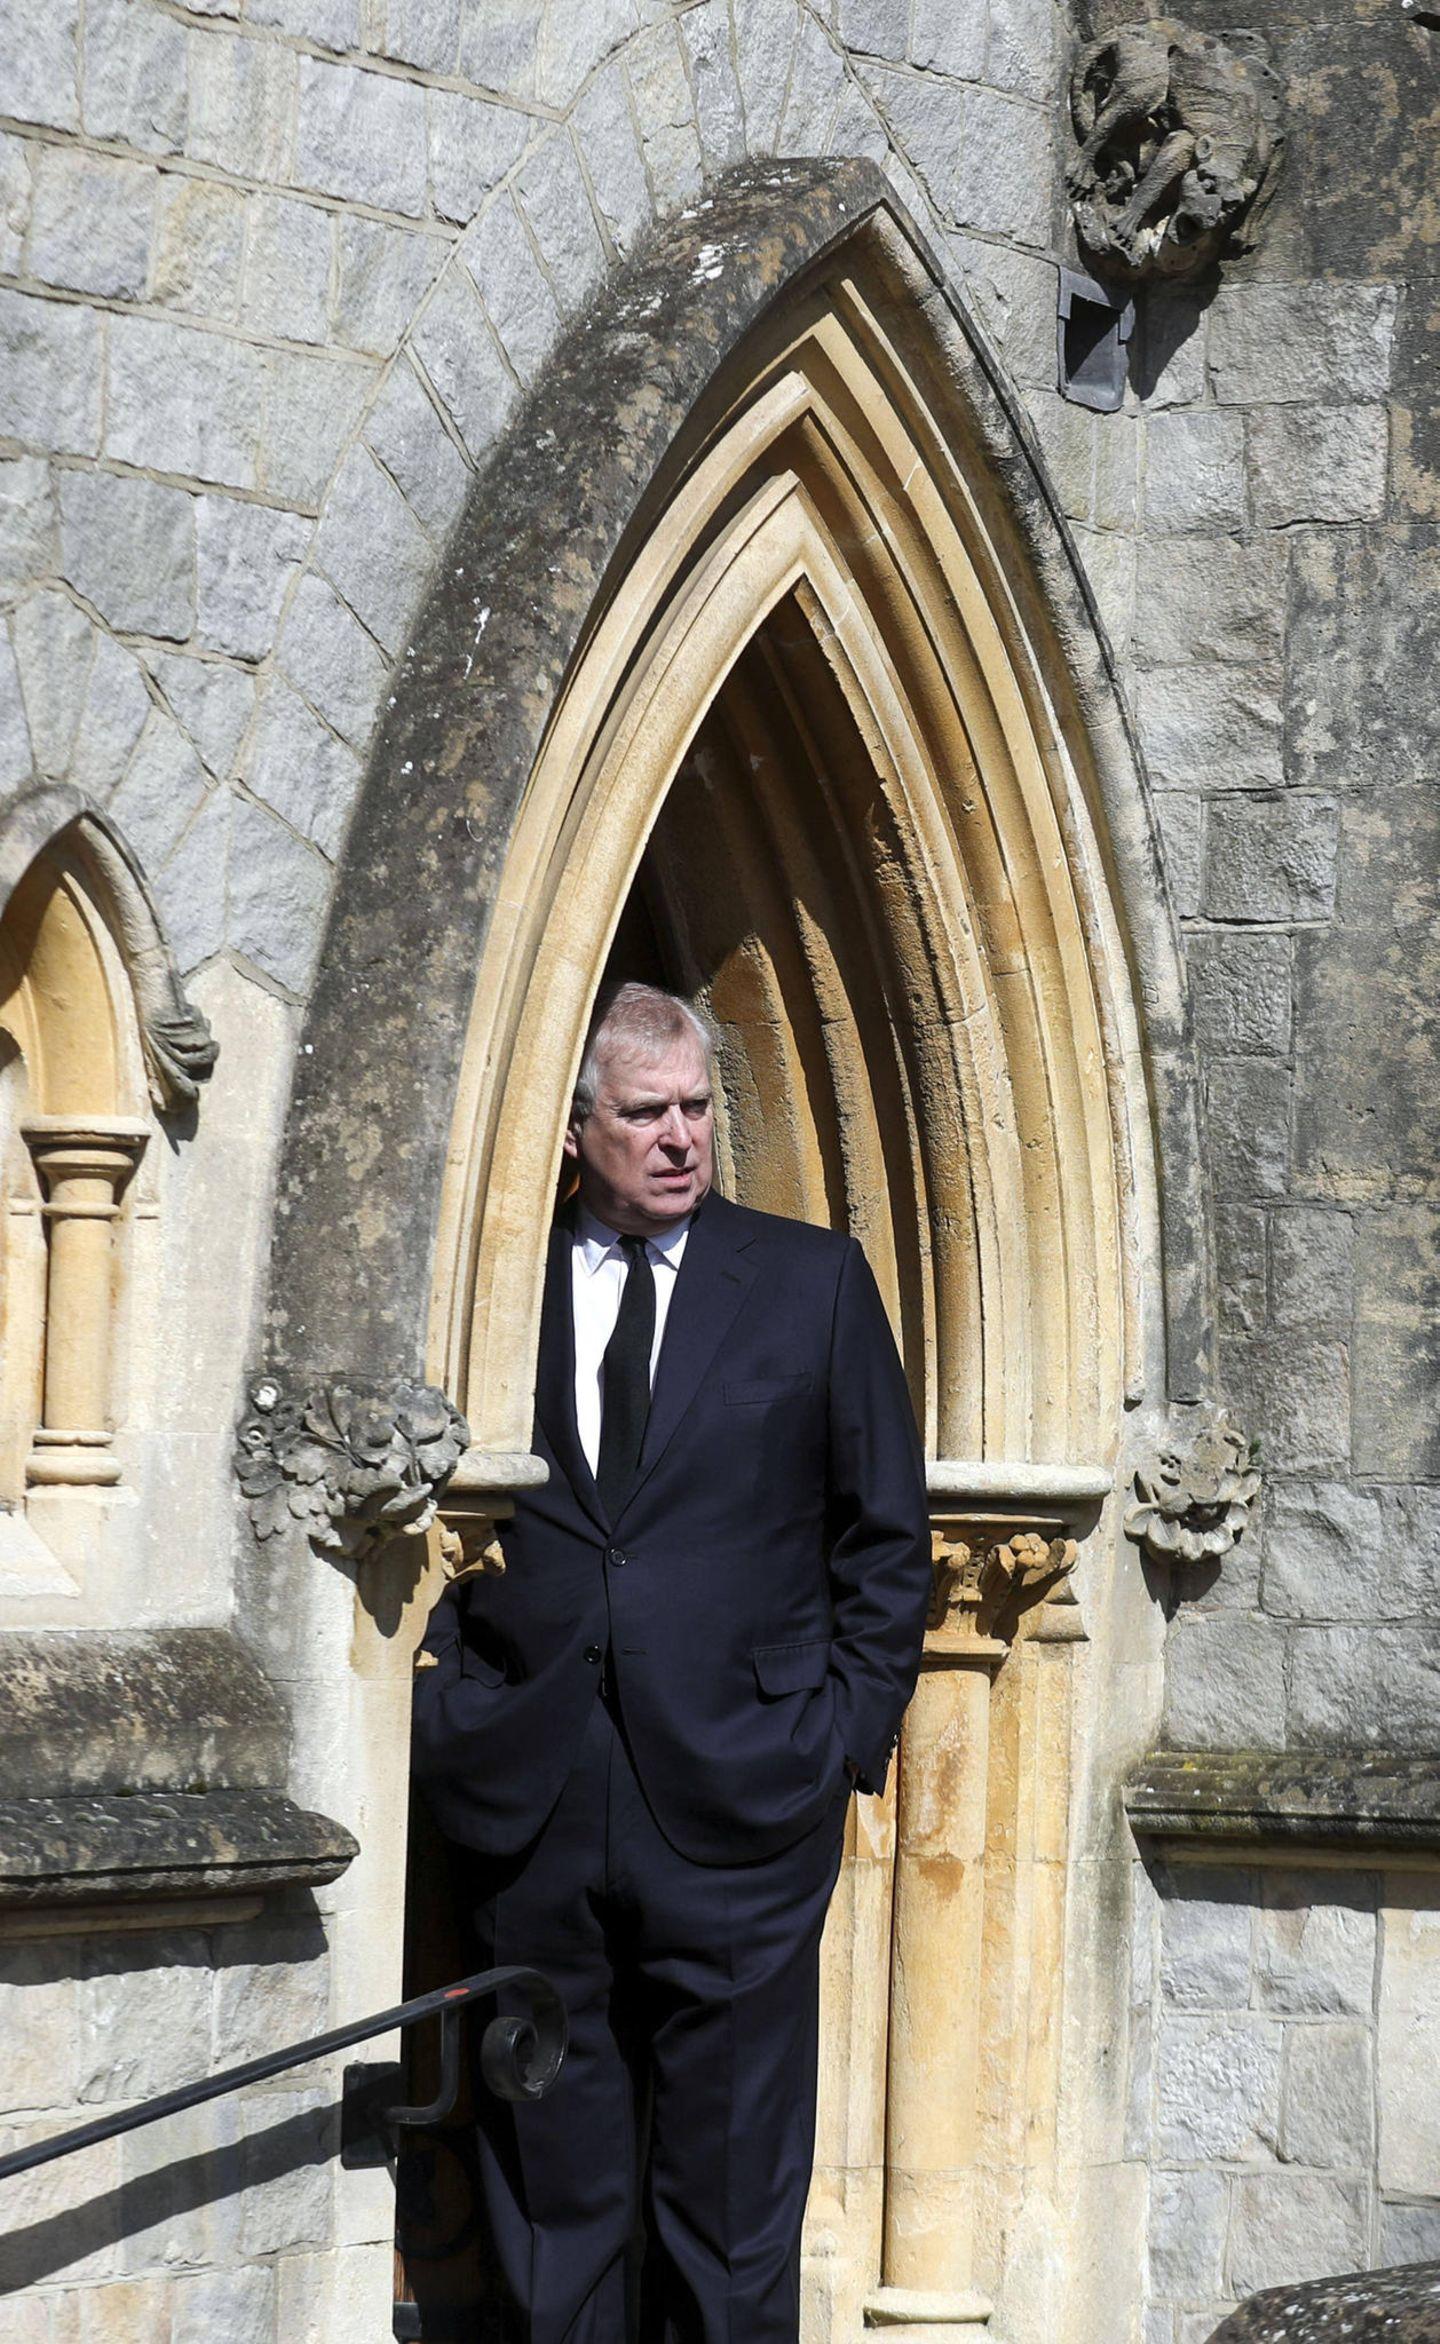 Zum Gottesdienst in derGrafschaft Berkshire kommt auch Prinz Andrew. Es ist das erste Mal seit dem Tod seines VatersPrinz Philip, dass sich der 61-Jährige in der Öffentlichkeit zeigt.